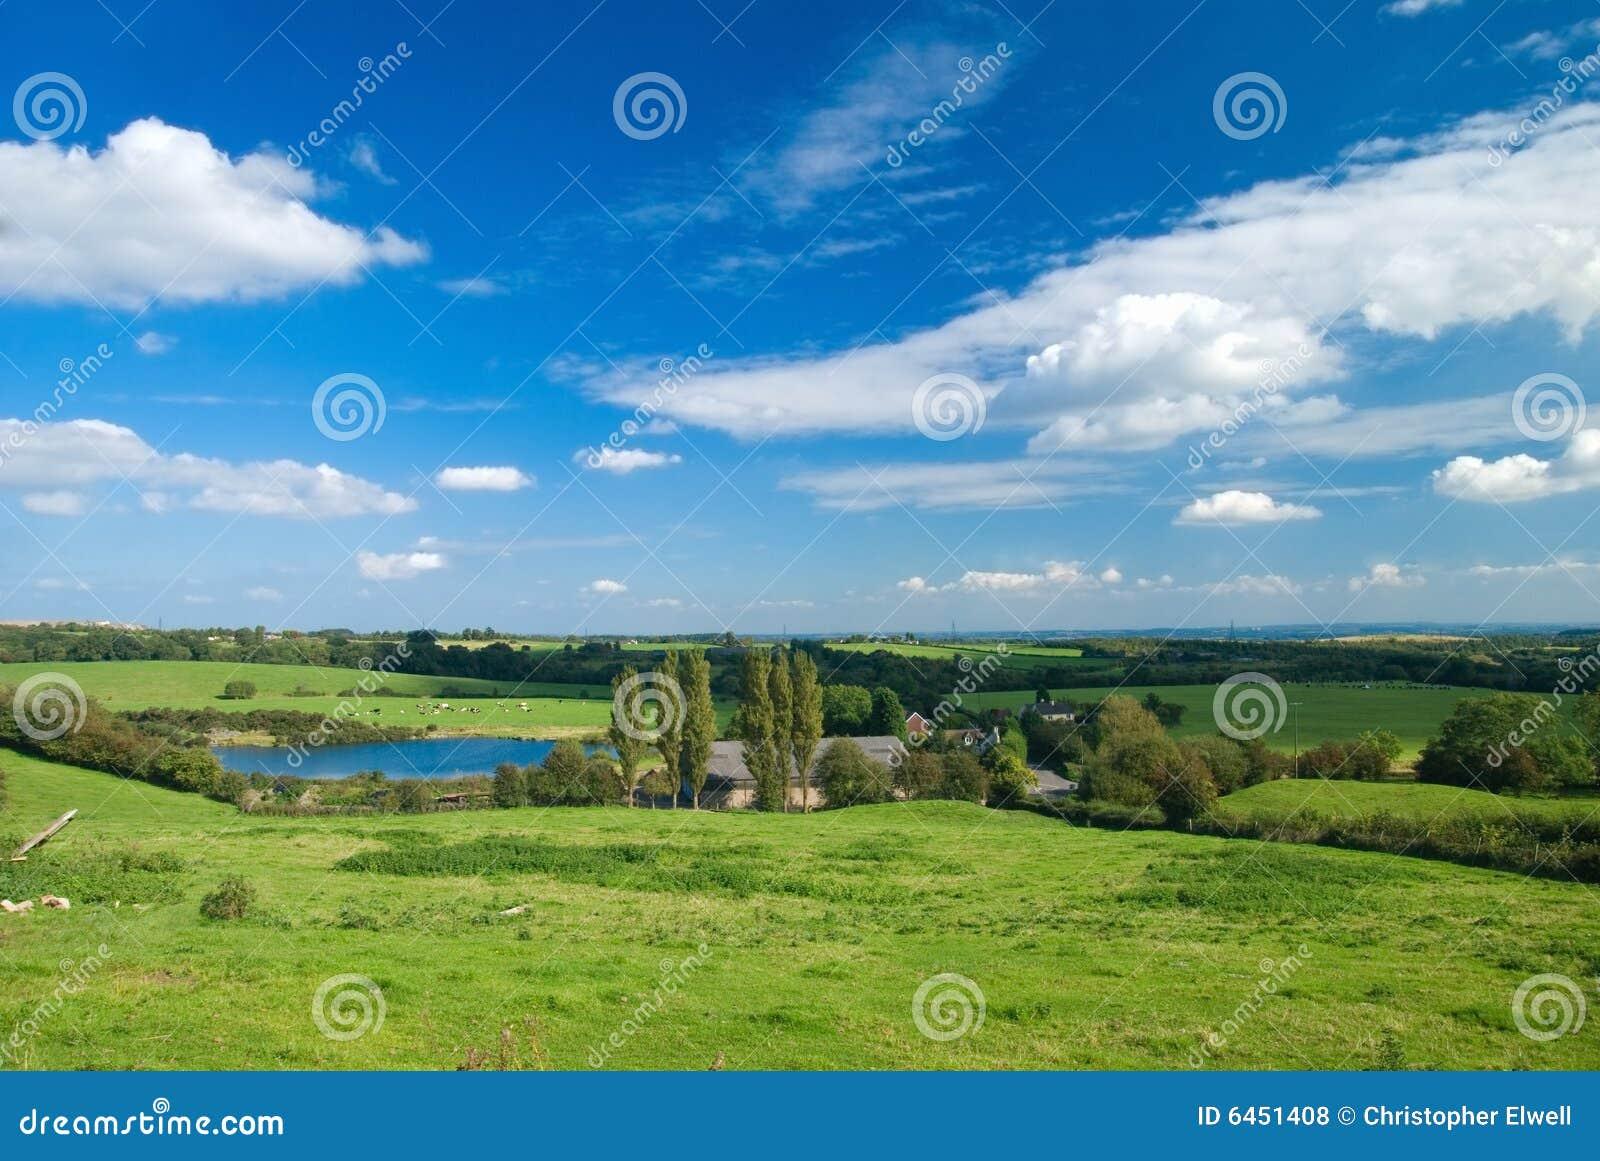 Widok na obszarach wiejskich